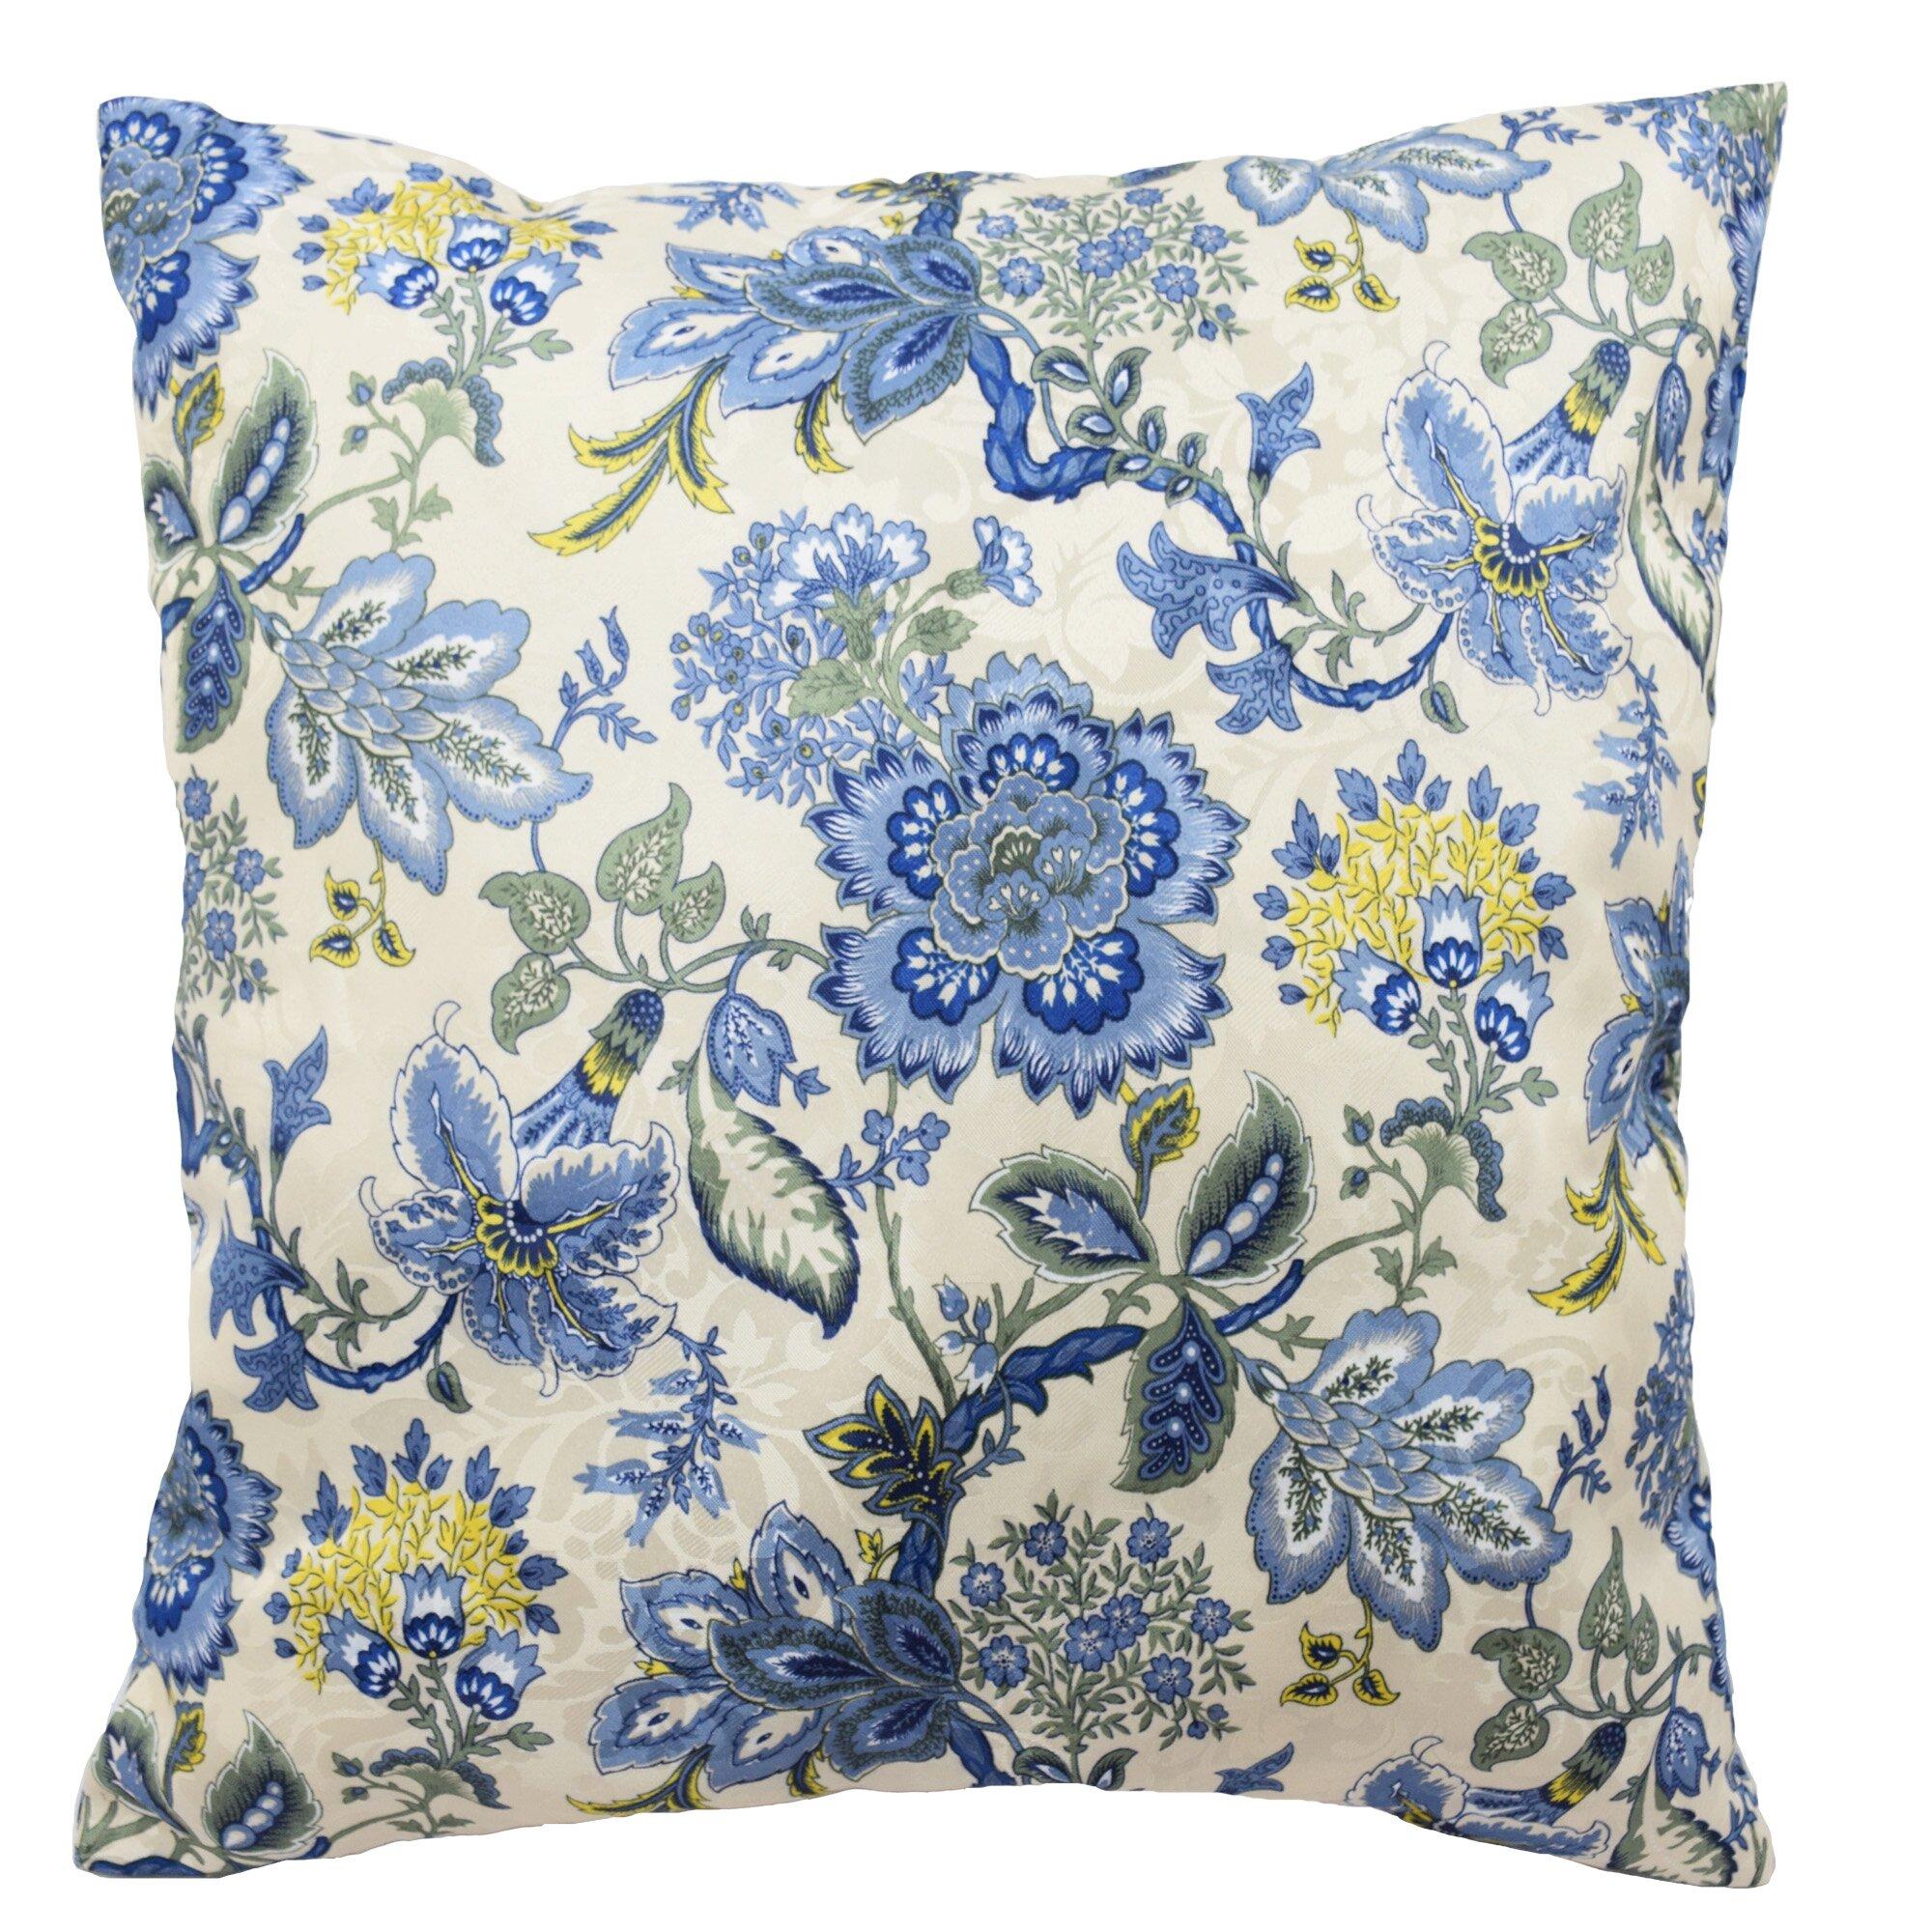 navarra floral decorative throw pillow - Decorative Throw Pillows